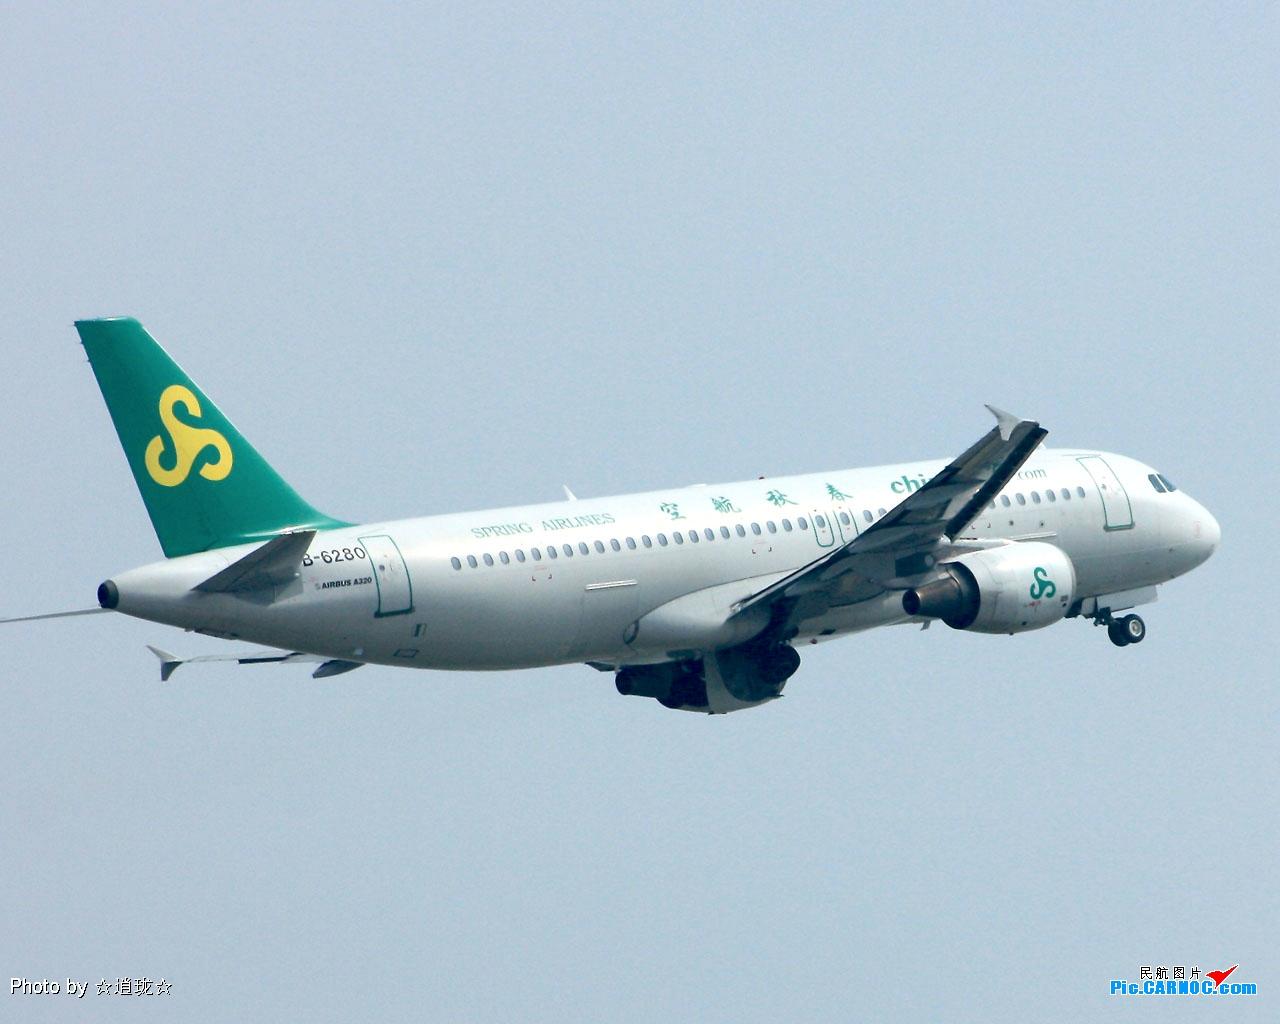 为什么春秋航空飞东京的航班那么便宜啊!安全吗!